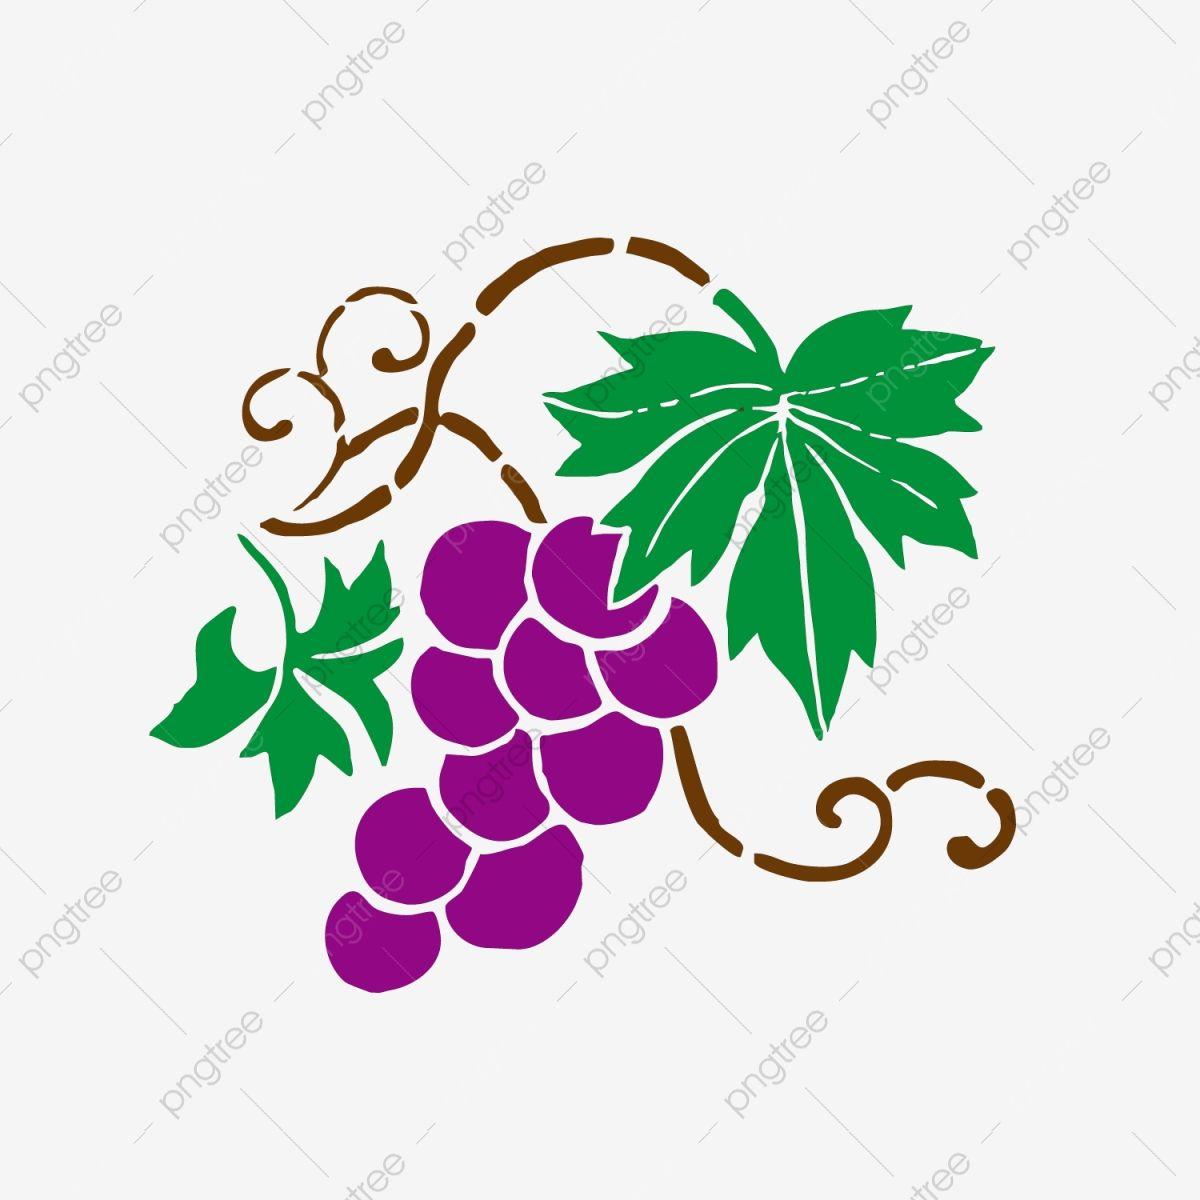 الصيف الكرتون رسمت باليد العنب بابوا غينيا الجديدة تنزيل عنب فاكهة رسوم متحركة Chushu الطبقية الصيف Png والمتجهات للتحميل مجانا Uvas Vermelhas Uvas Molduras De Quadros